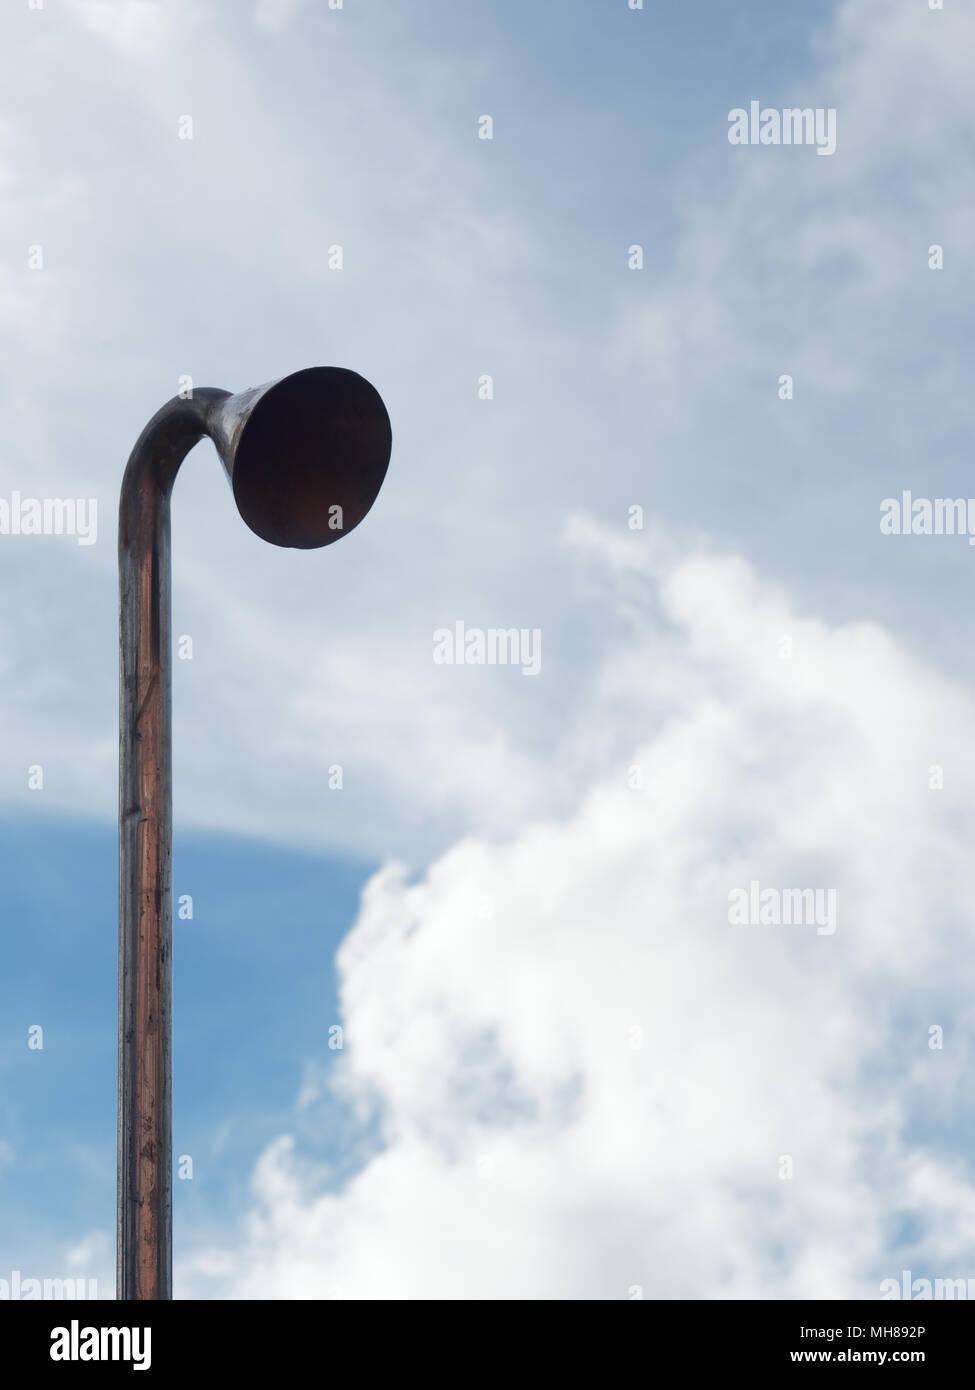 La inducción o tubo de aspiración con cabeza para probar la contaminación atmosférica y acústica sobre fondo de cielo azul brillante nube de succión en el tubo con conceptos de negocios, medio ambiente, industria, aspiración y contaminación Imagen De Stock